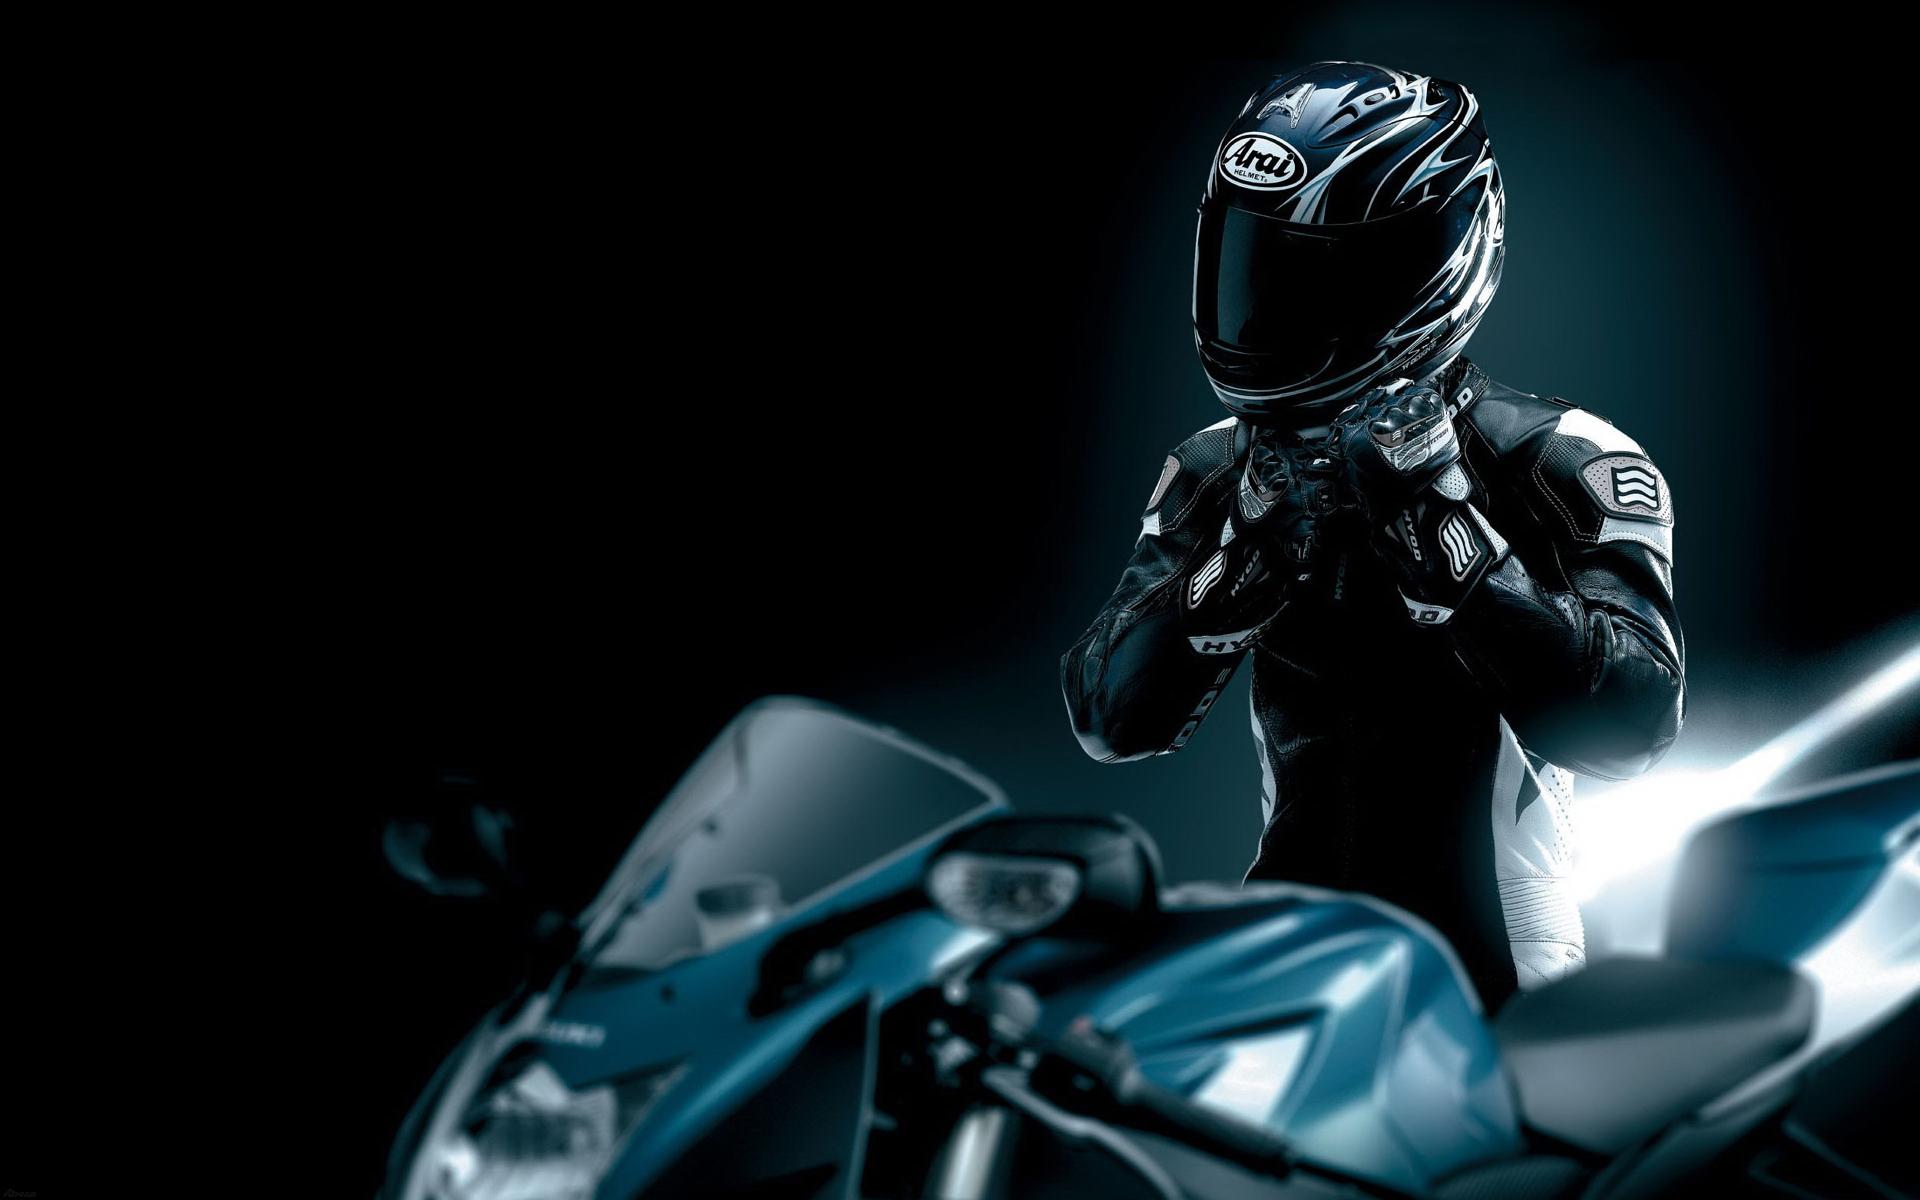 Экипировка для мотоциклиста: обзорно о шлемах для мотоциклов